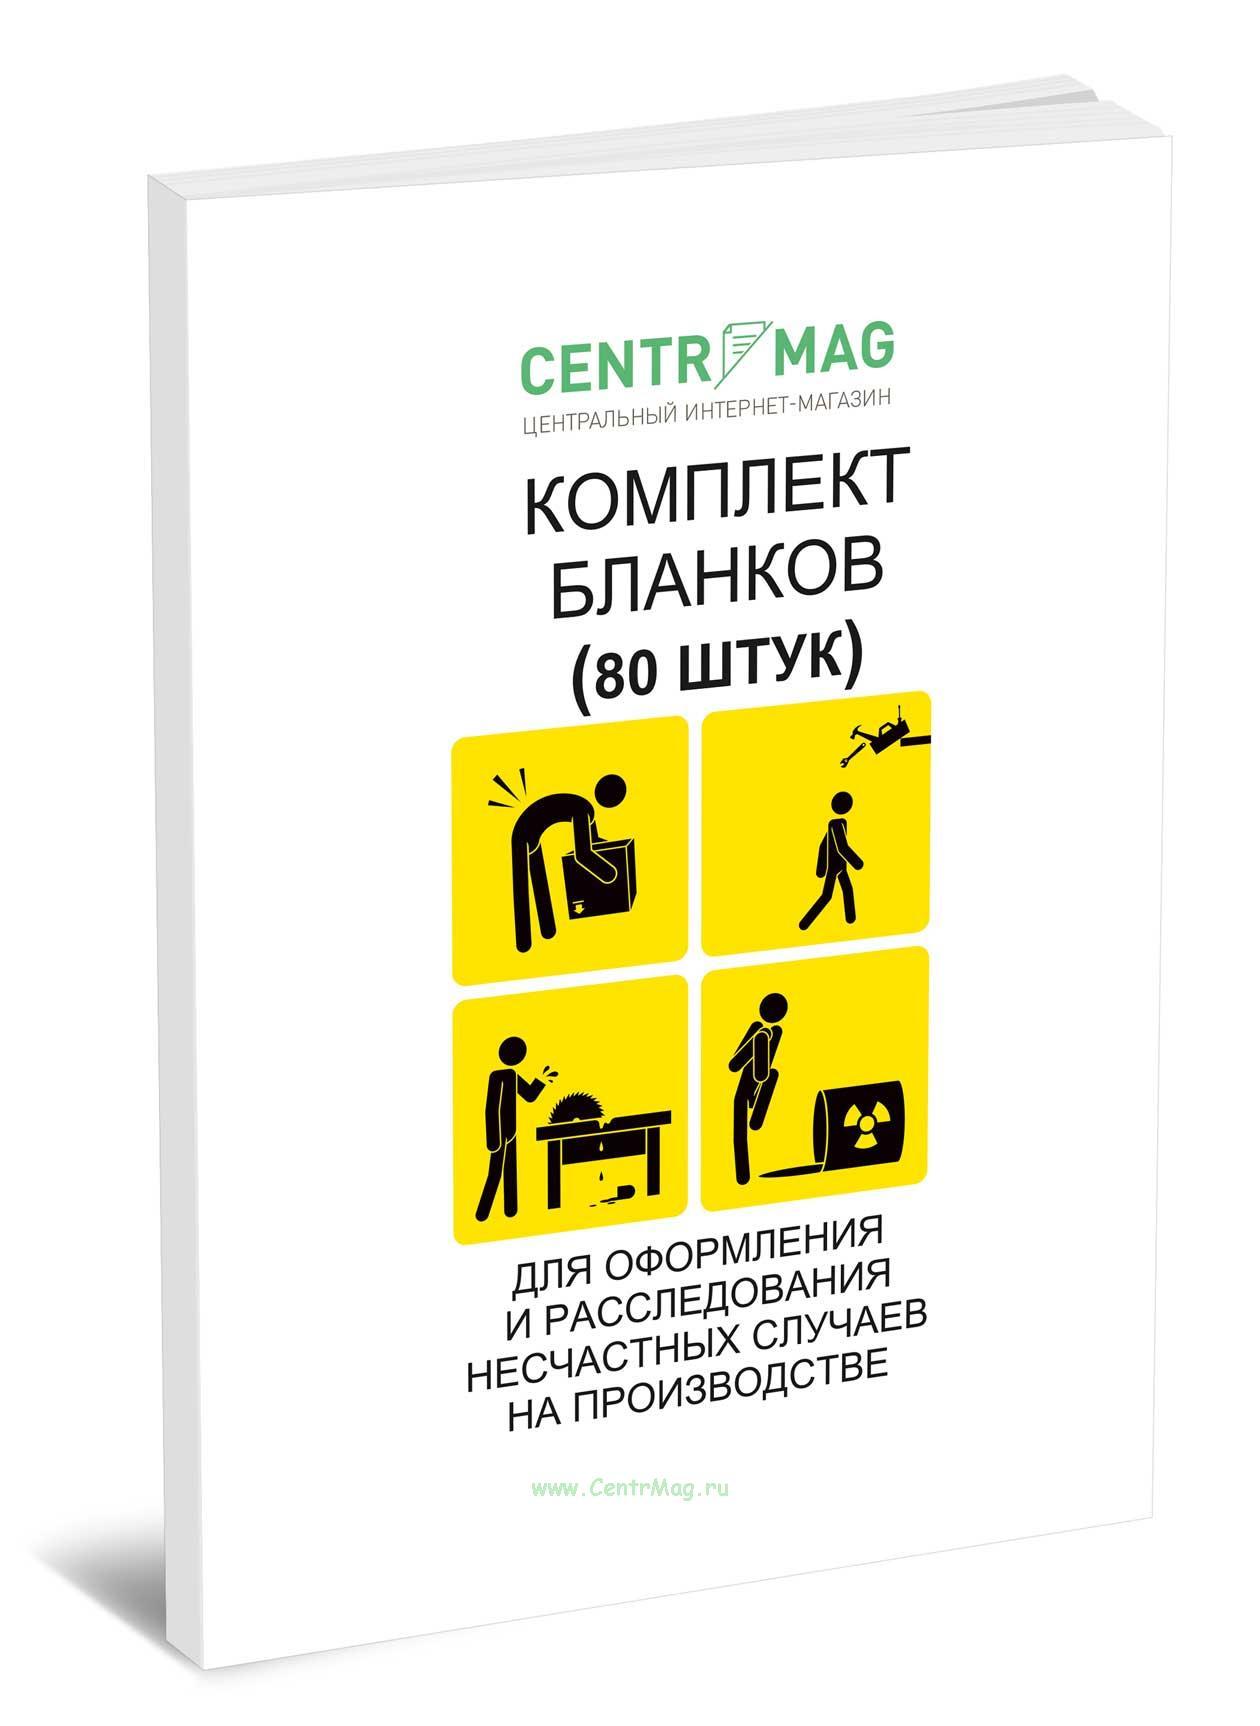 Комплект бланков для оформления и расследования несчастных случаев на производстве 2018 год. Последняя редакция